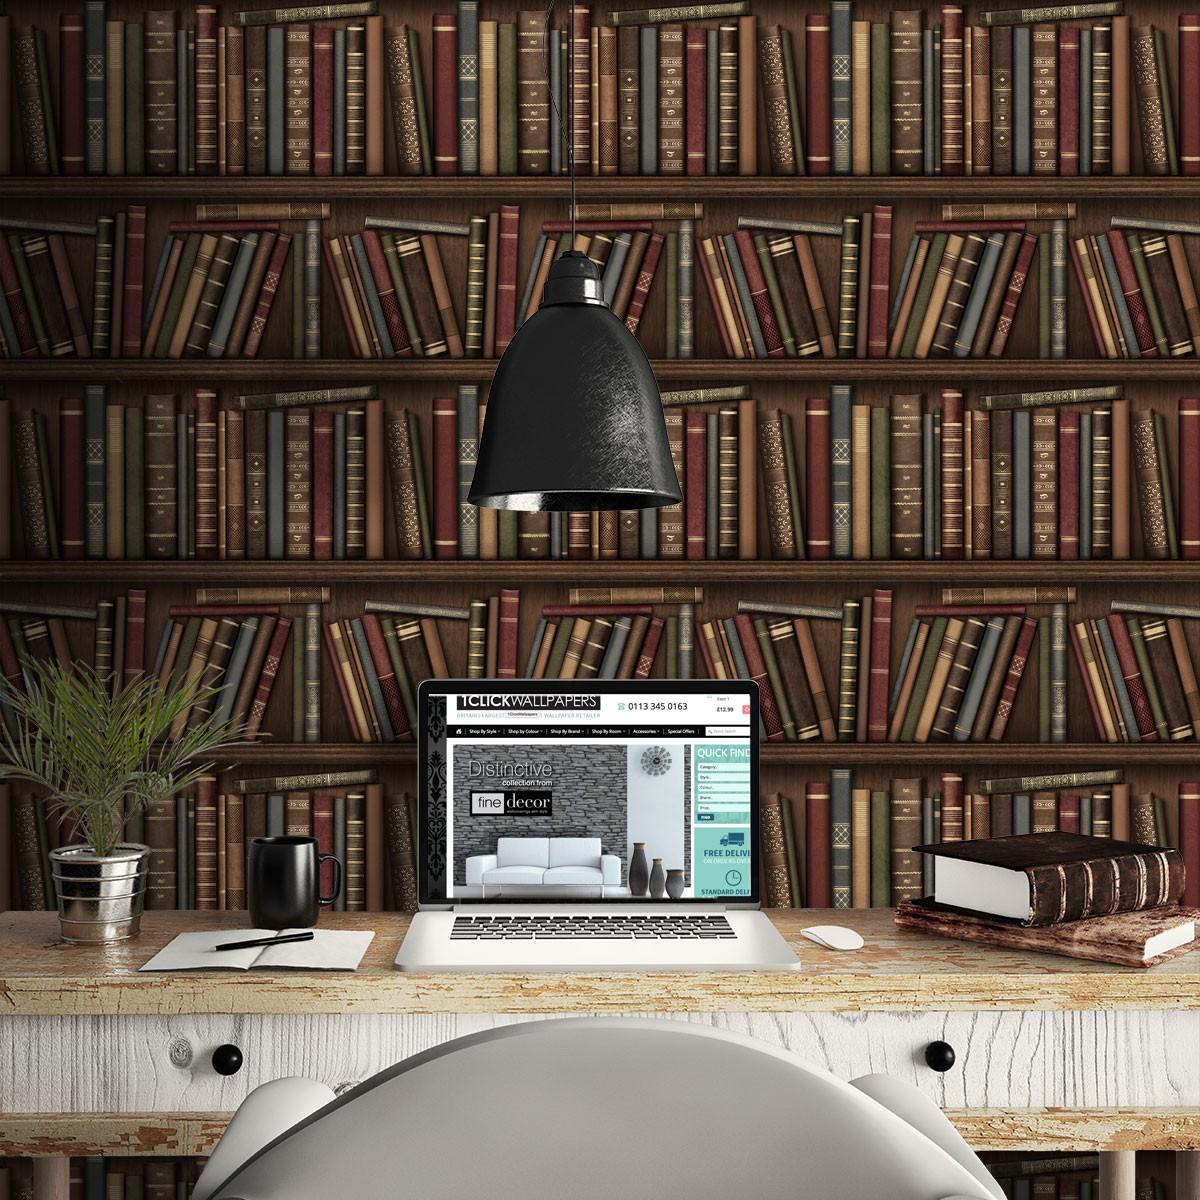 Bookcase library wallpaper antique retro books study for Carta da parati libri